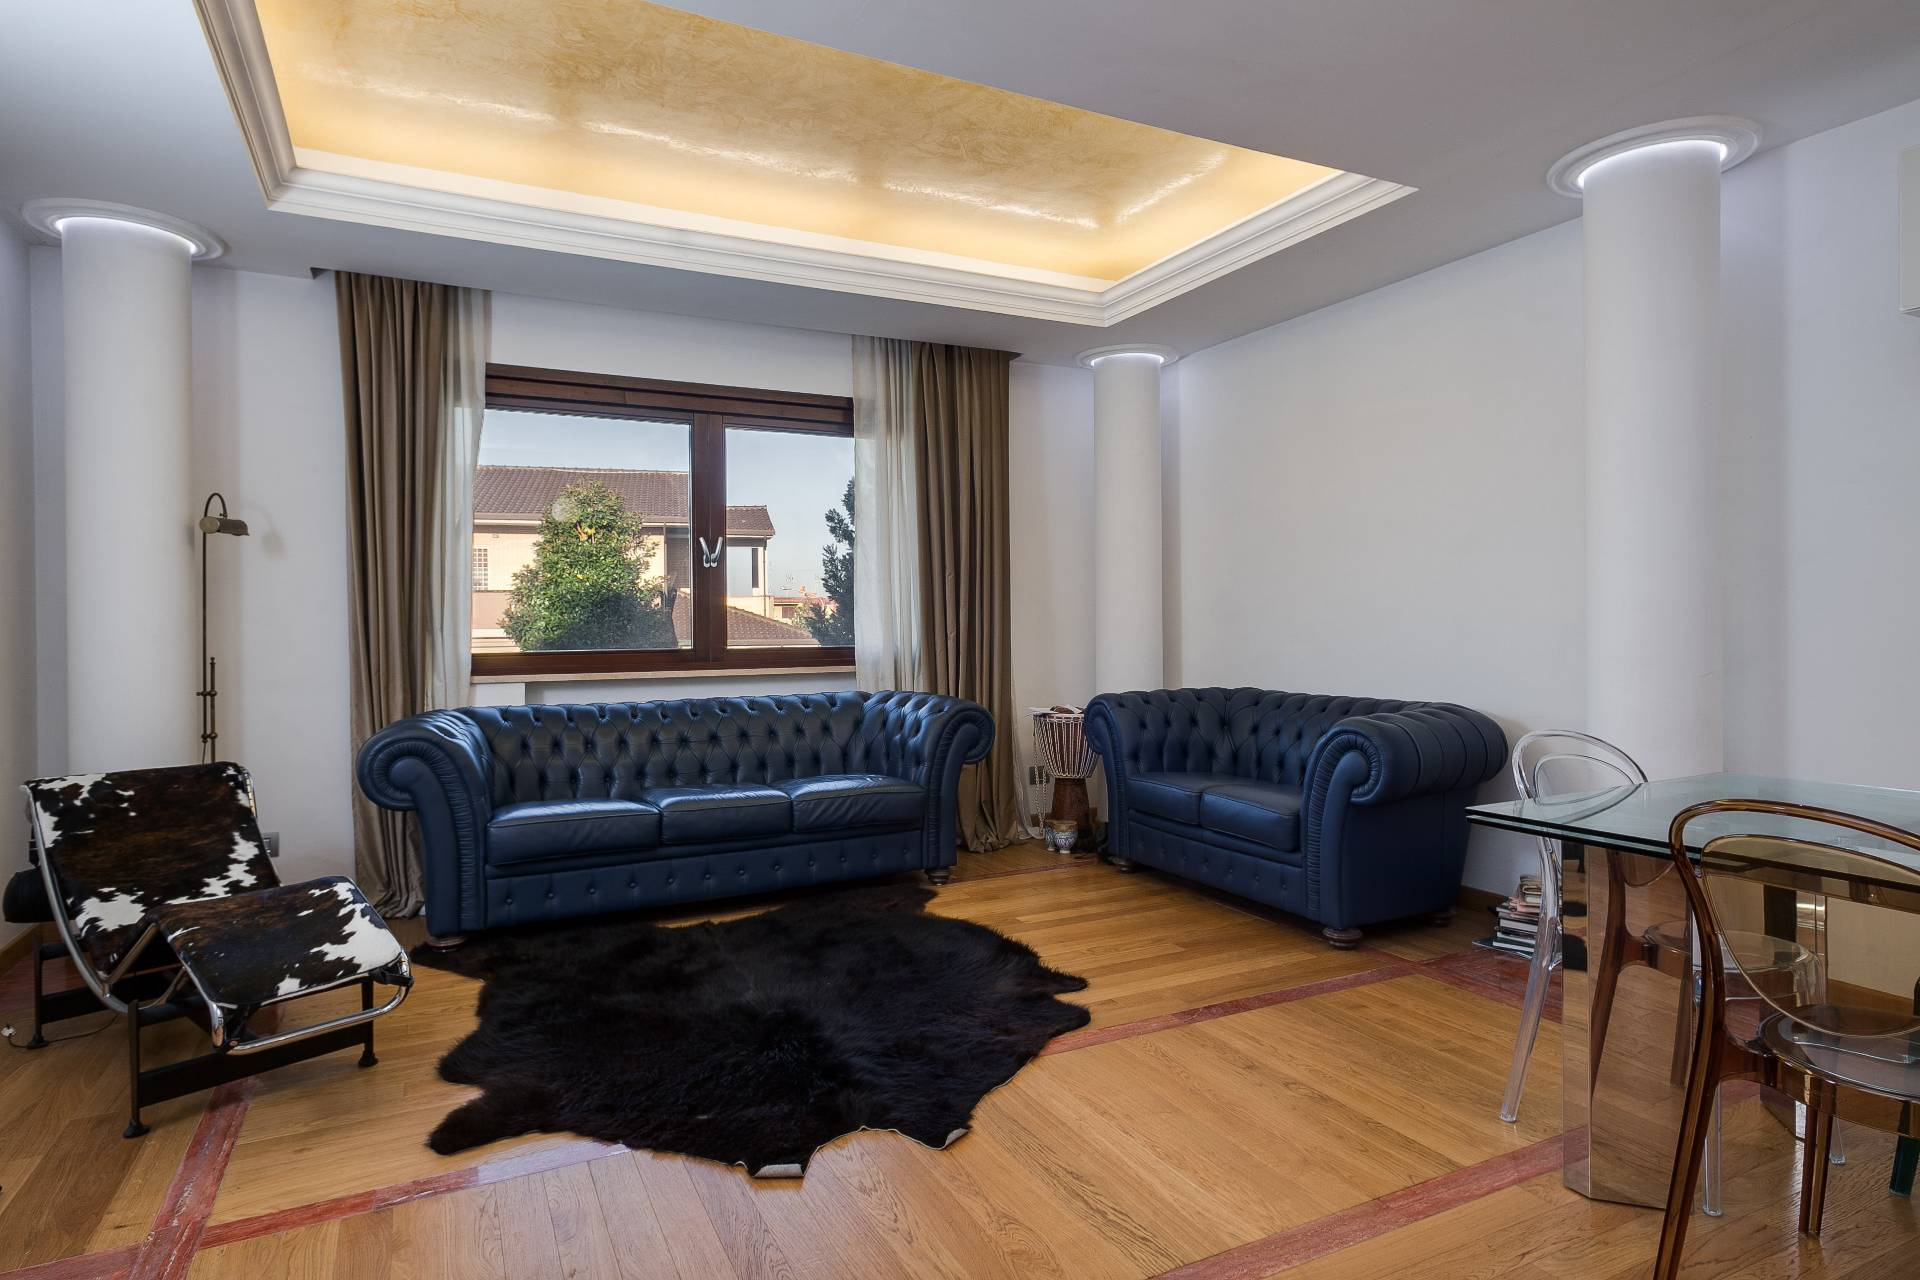 Appartamento in vendita a Roma, 3 locali, zona Zona: 27 . Aurelio - Boccea, prezzo € 340.000   CambioCasa.it